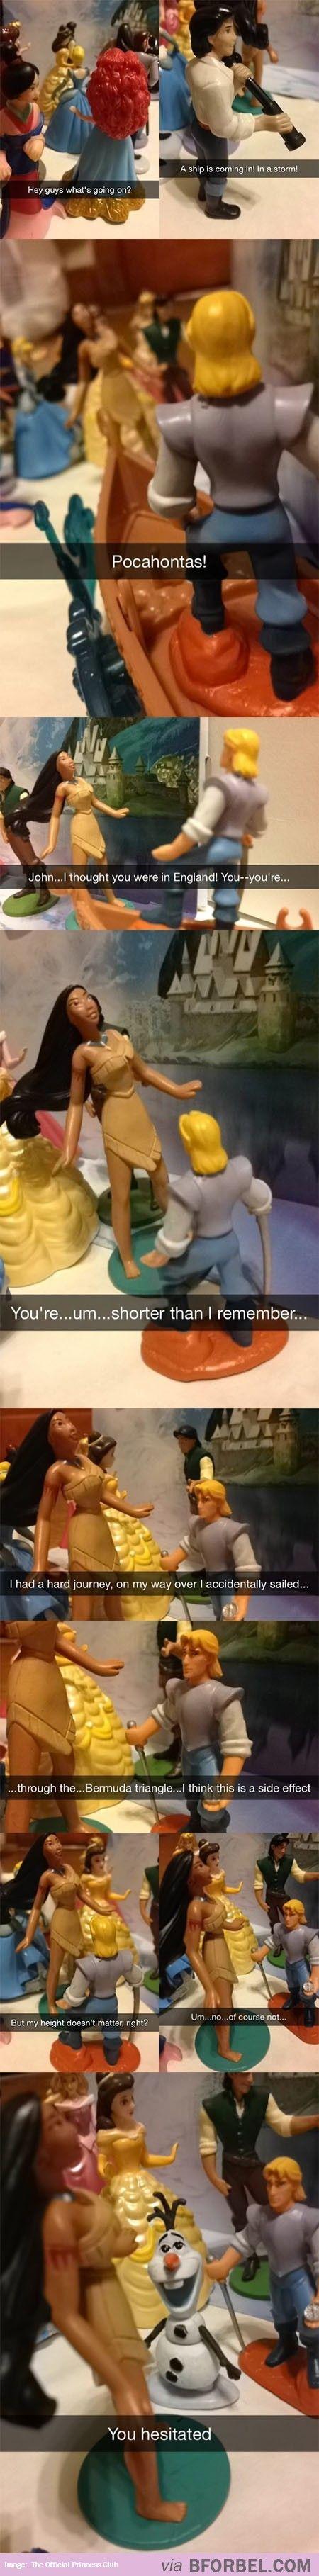 Disney Comic Snapchat Strip… bforbel.com